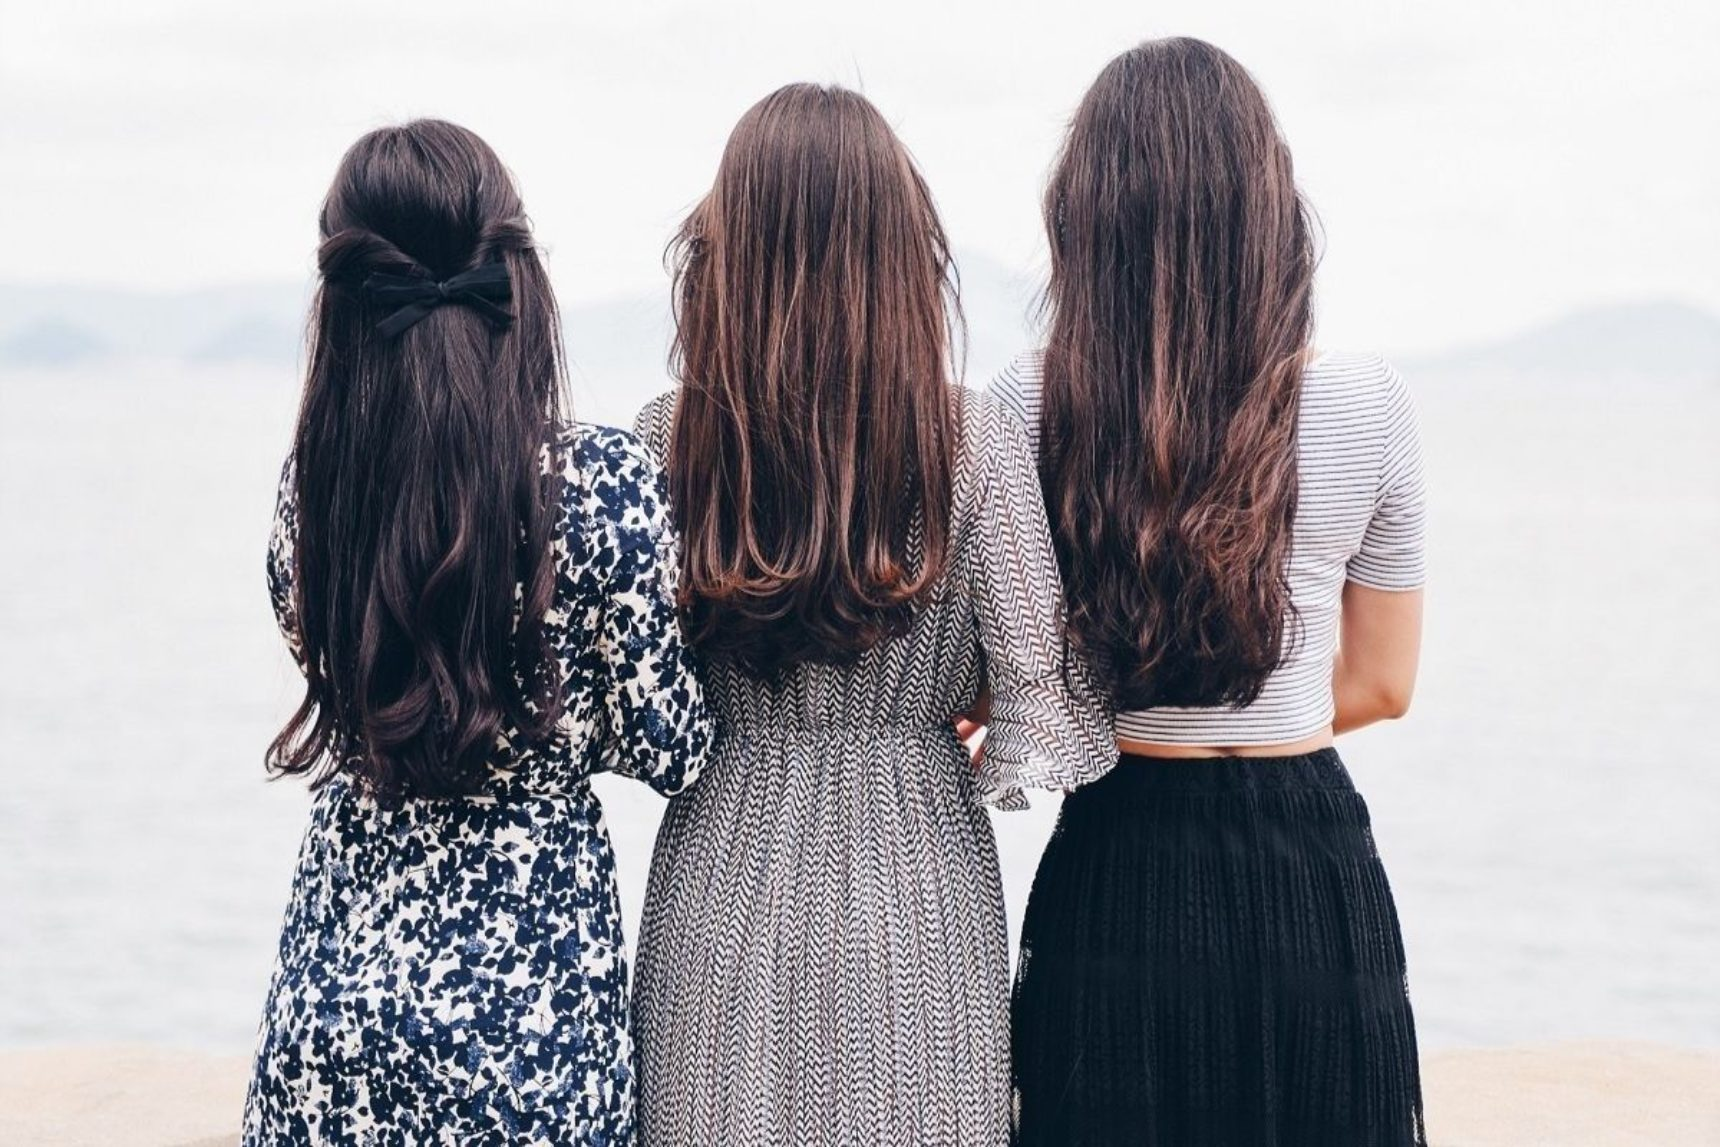 Jak przyspieszyć porost włosów? Najlepsze porady i domowe sposoby!